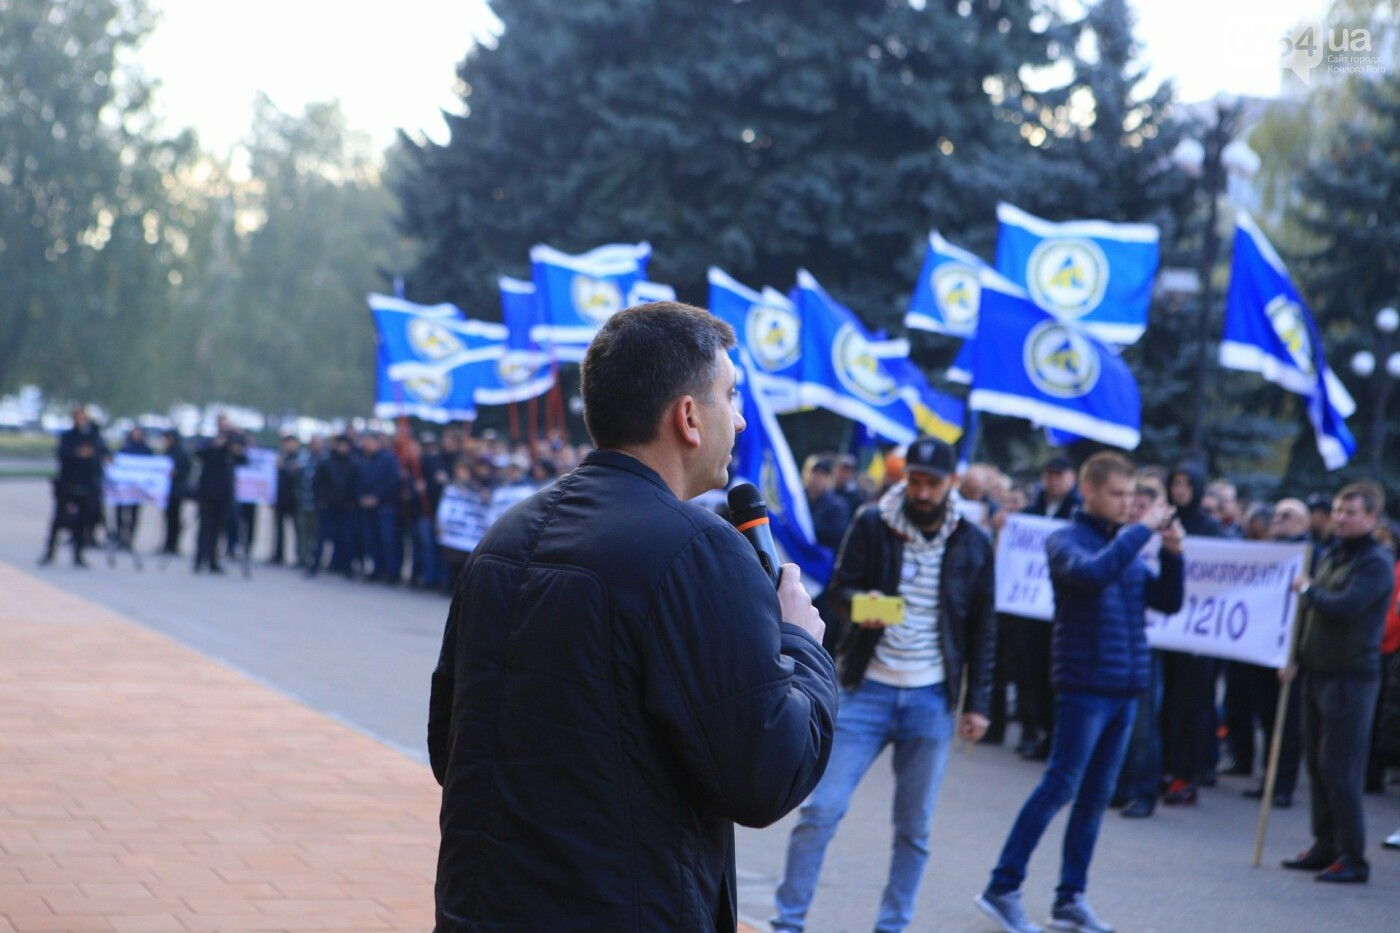 Работники криворожских промпредприятий митинговали против принятия кабального закона №1210, фото-3